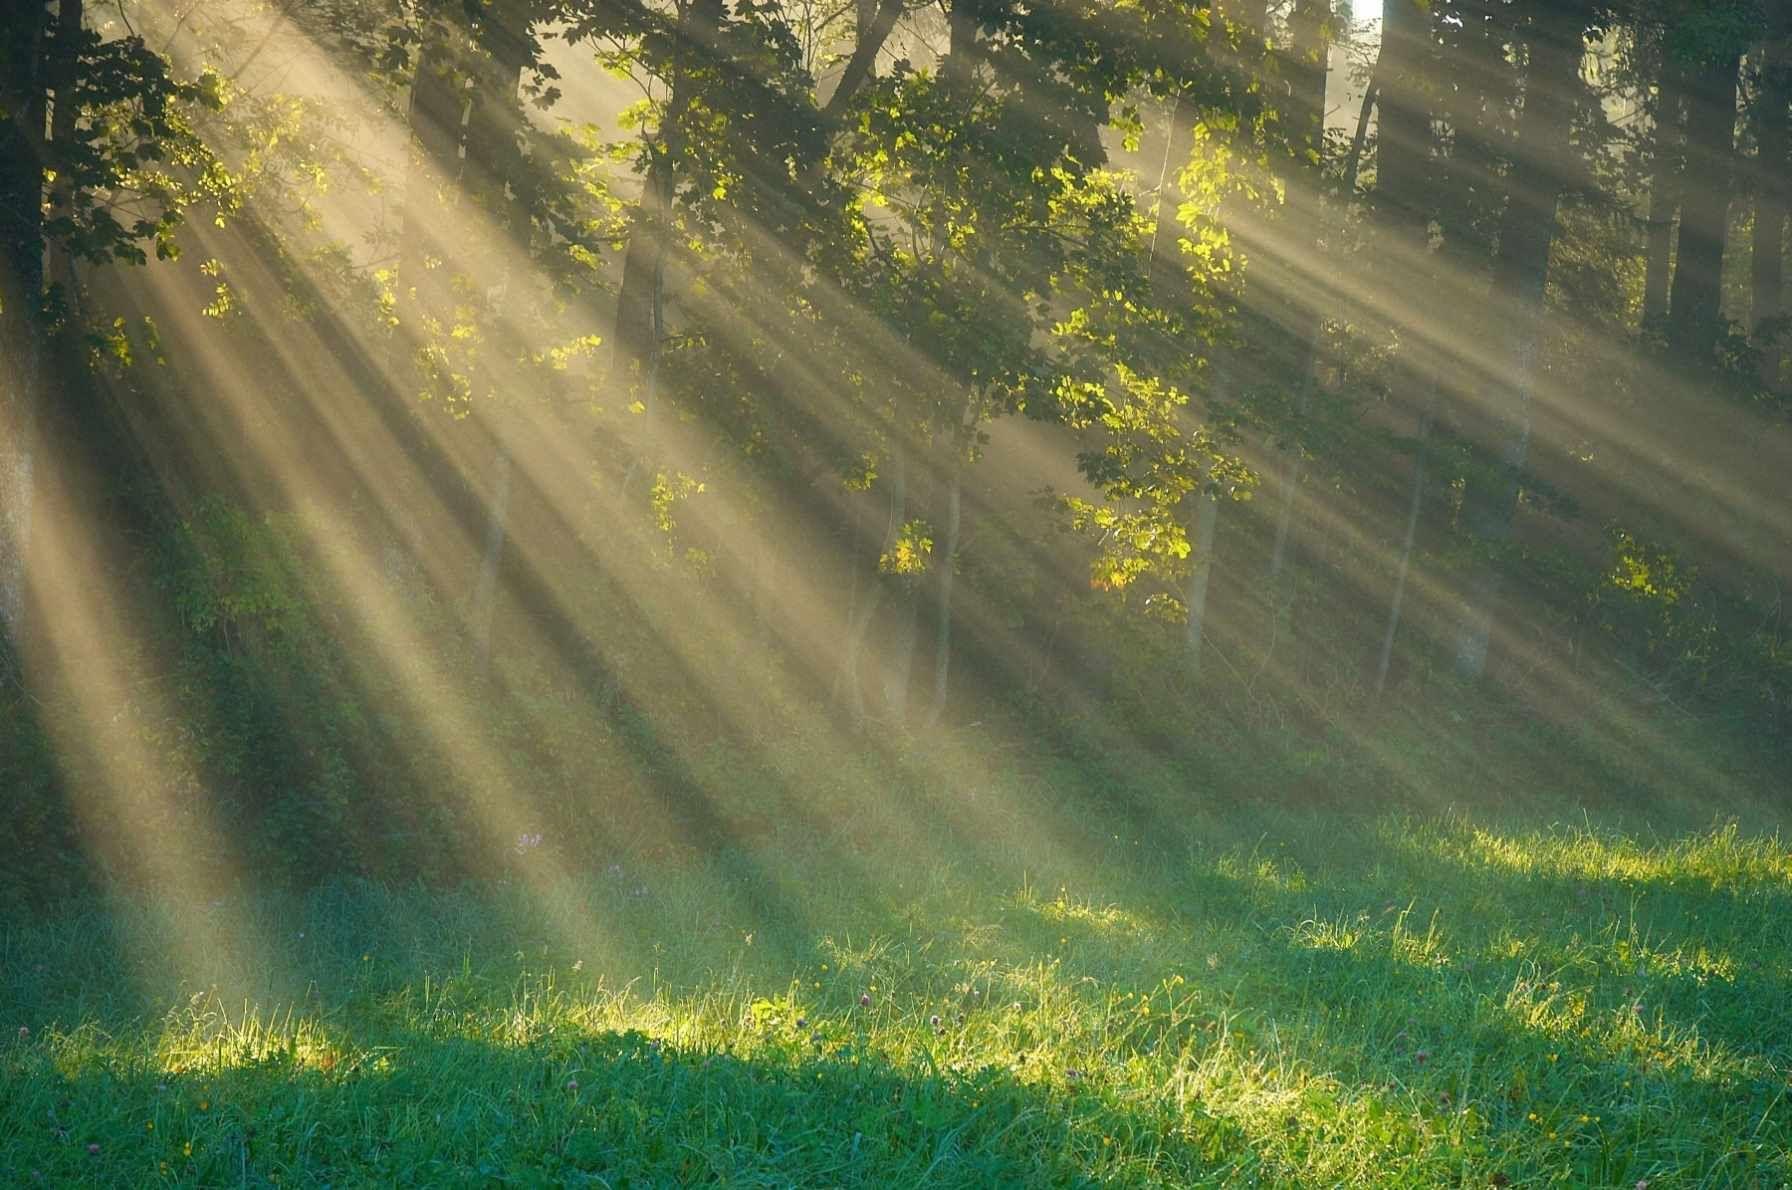 Vitamina soarelui – sfaturi pentru intarirea sistemului imunitar - TaBu